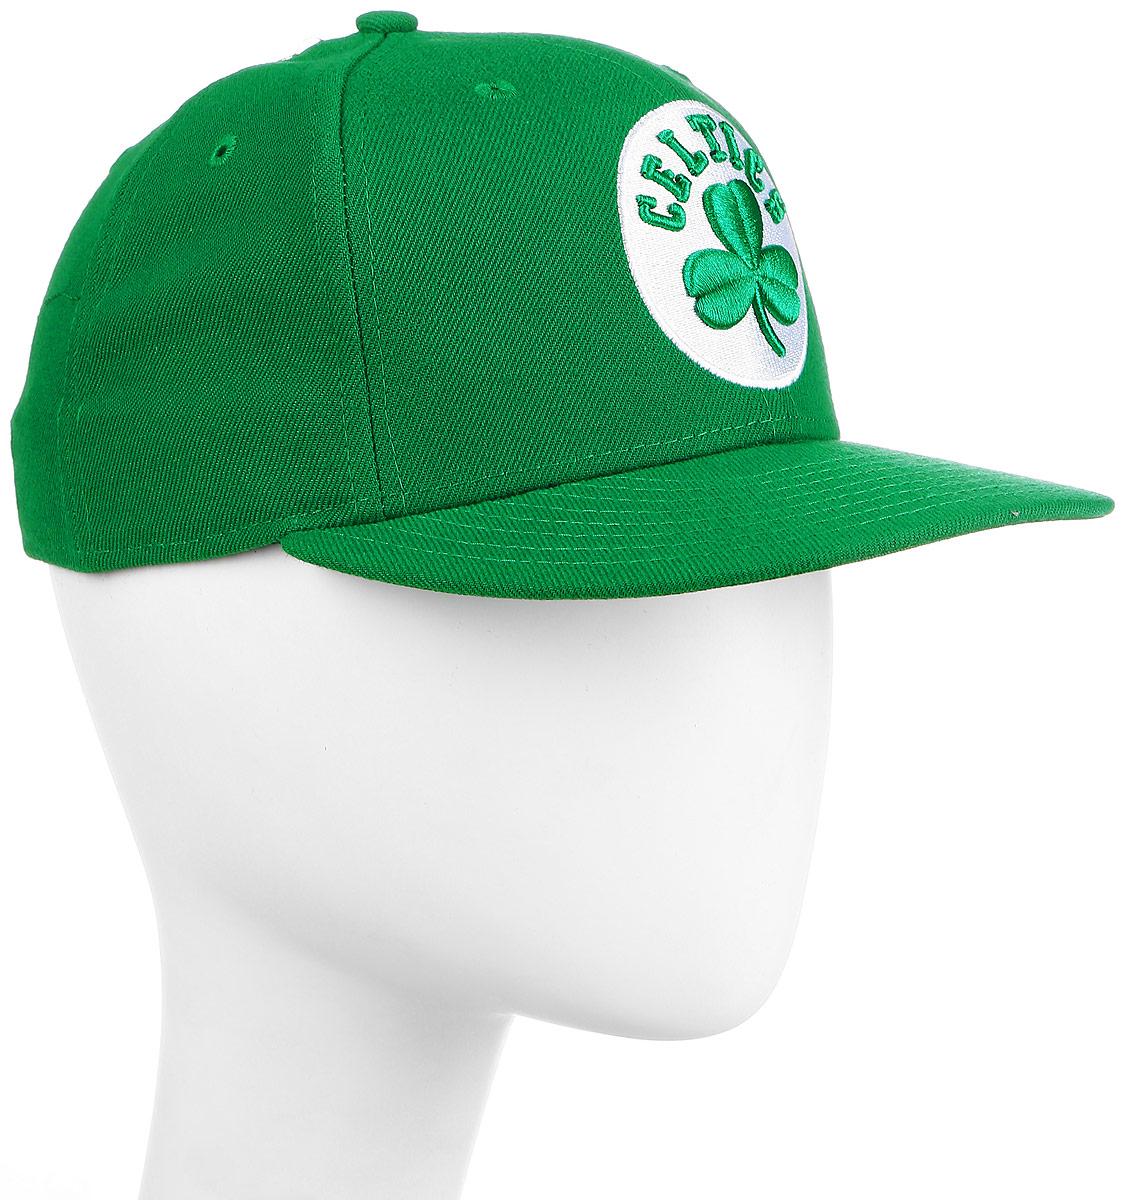 Бейсболка New Era Nba Team Boston Celtics, цвет: зеленый. 11379793-GRN. Размер 7 1/2 (59)11379793-GRNСтильная бейсболка New Era, выполненная из высококачественного материала, идеально подойдет для прогулок, занятий спортом и отдыха.Изделие оформлено объемным вышитым логотипом знаменитой бейсбольной команды Boston Celtics.